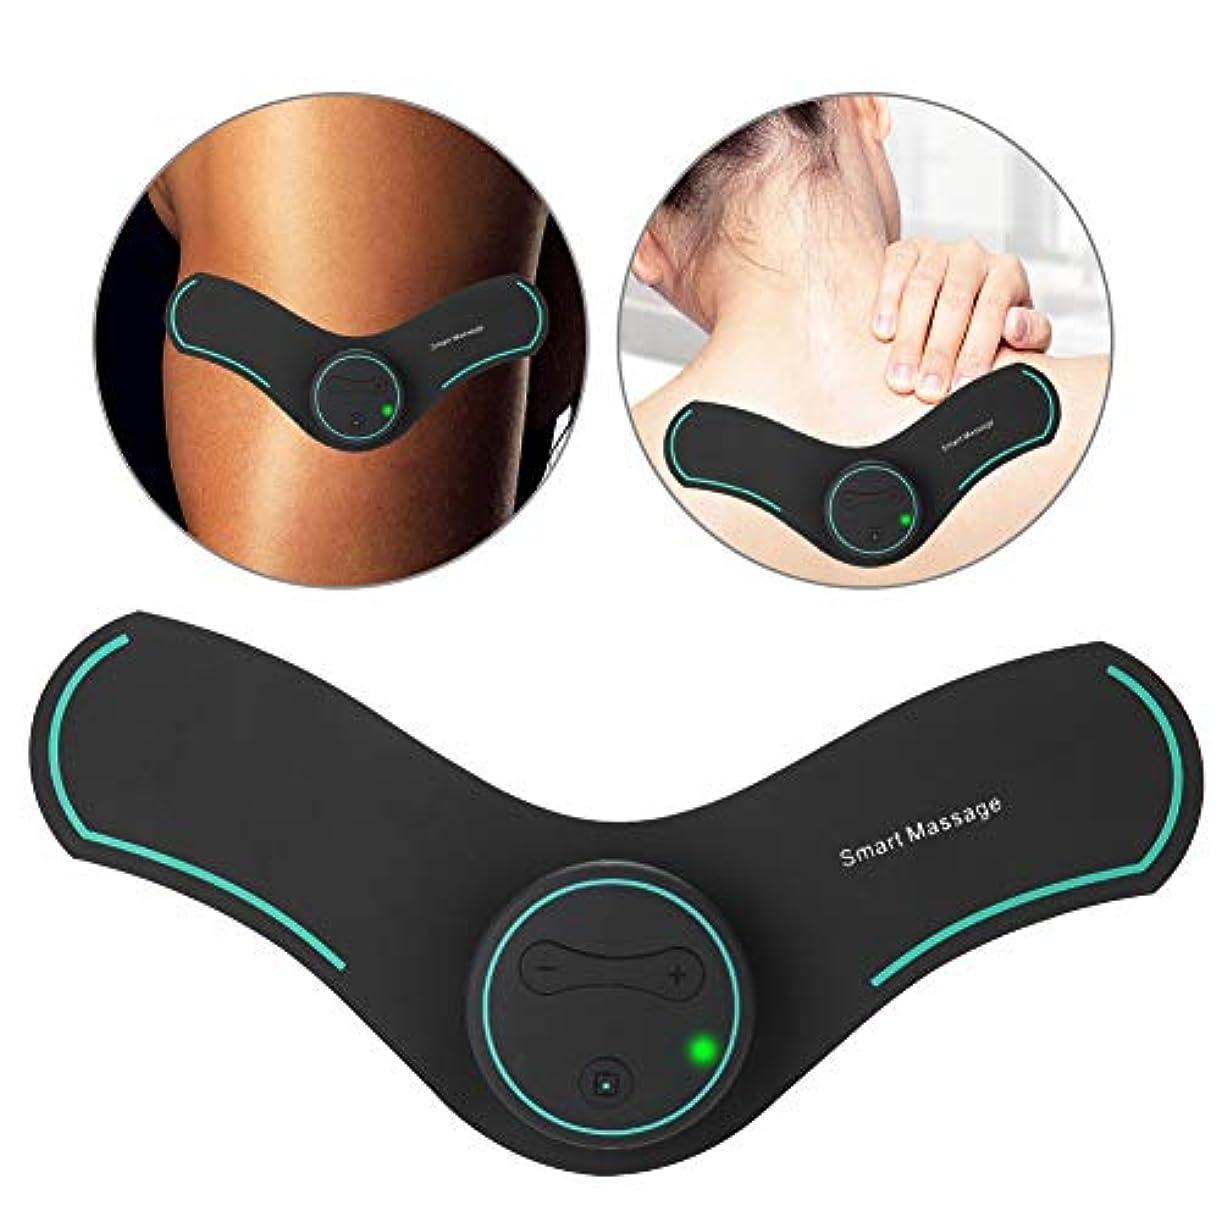 パイントハミングバード分注する首と背中のマッサージ指圧マッサージ、10ユニット充電式ヘルプ装置首と肩の痛みを和らげるための多機能深部組織頸部マッサージ